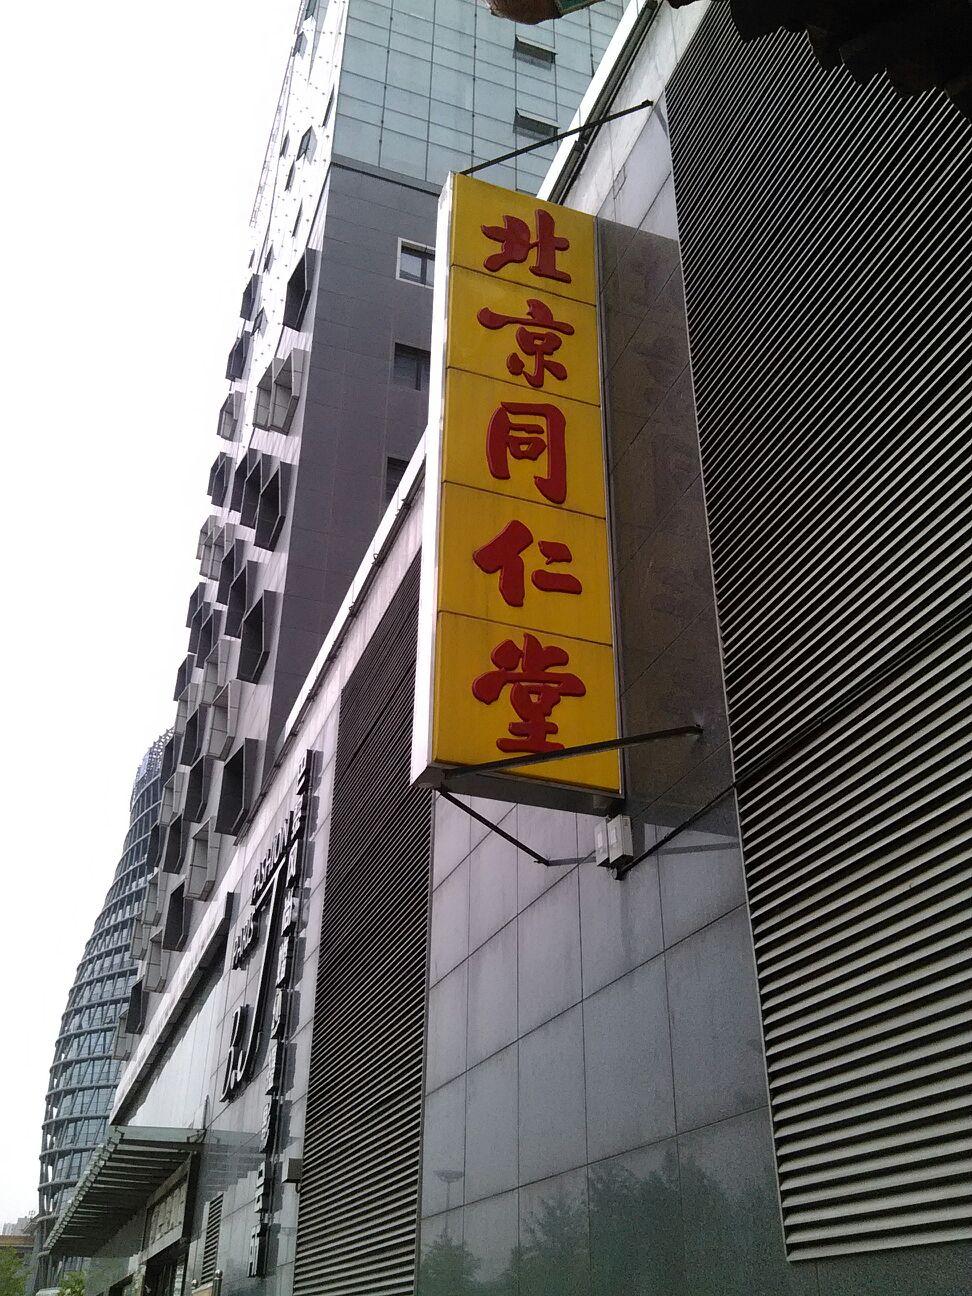 同仁堂药店(大兴区绿地缤纷城店)地址,电话,简介(北京